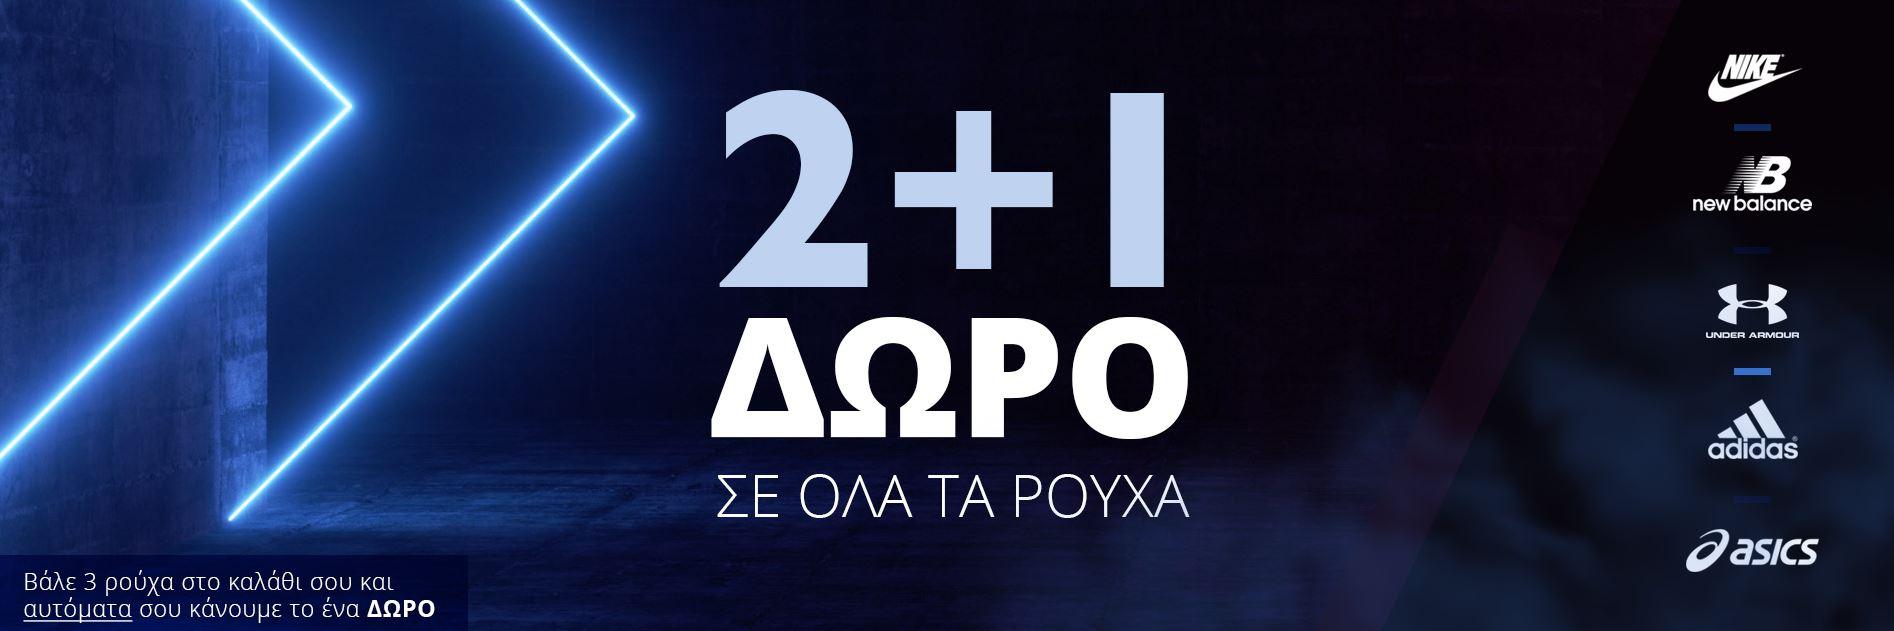 delikaris-ekptoseis-2020-prosfores-athlitika-royxa-ekptoseis-papoutsia-delikaris.gr-hotdealsgr